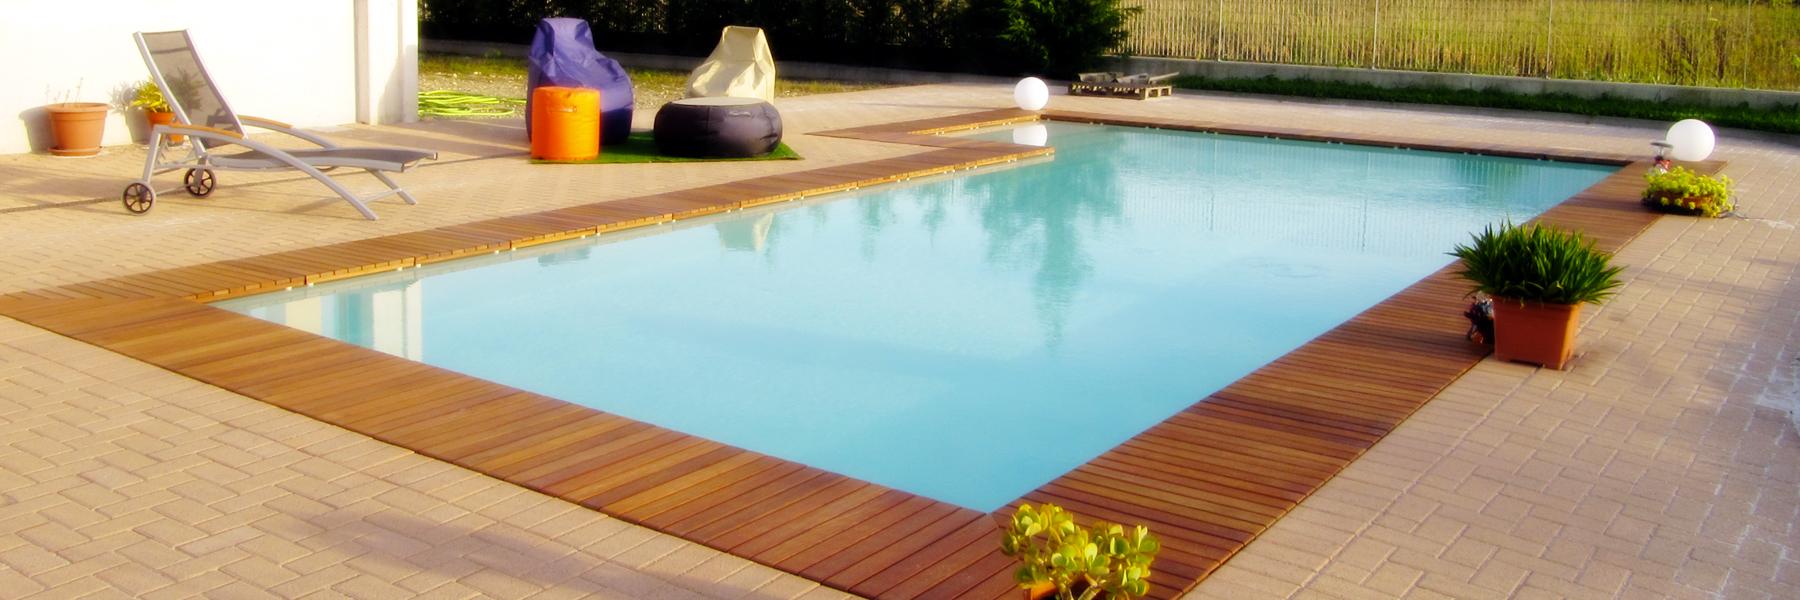 piscine_poolgarden_01